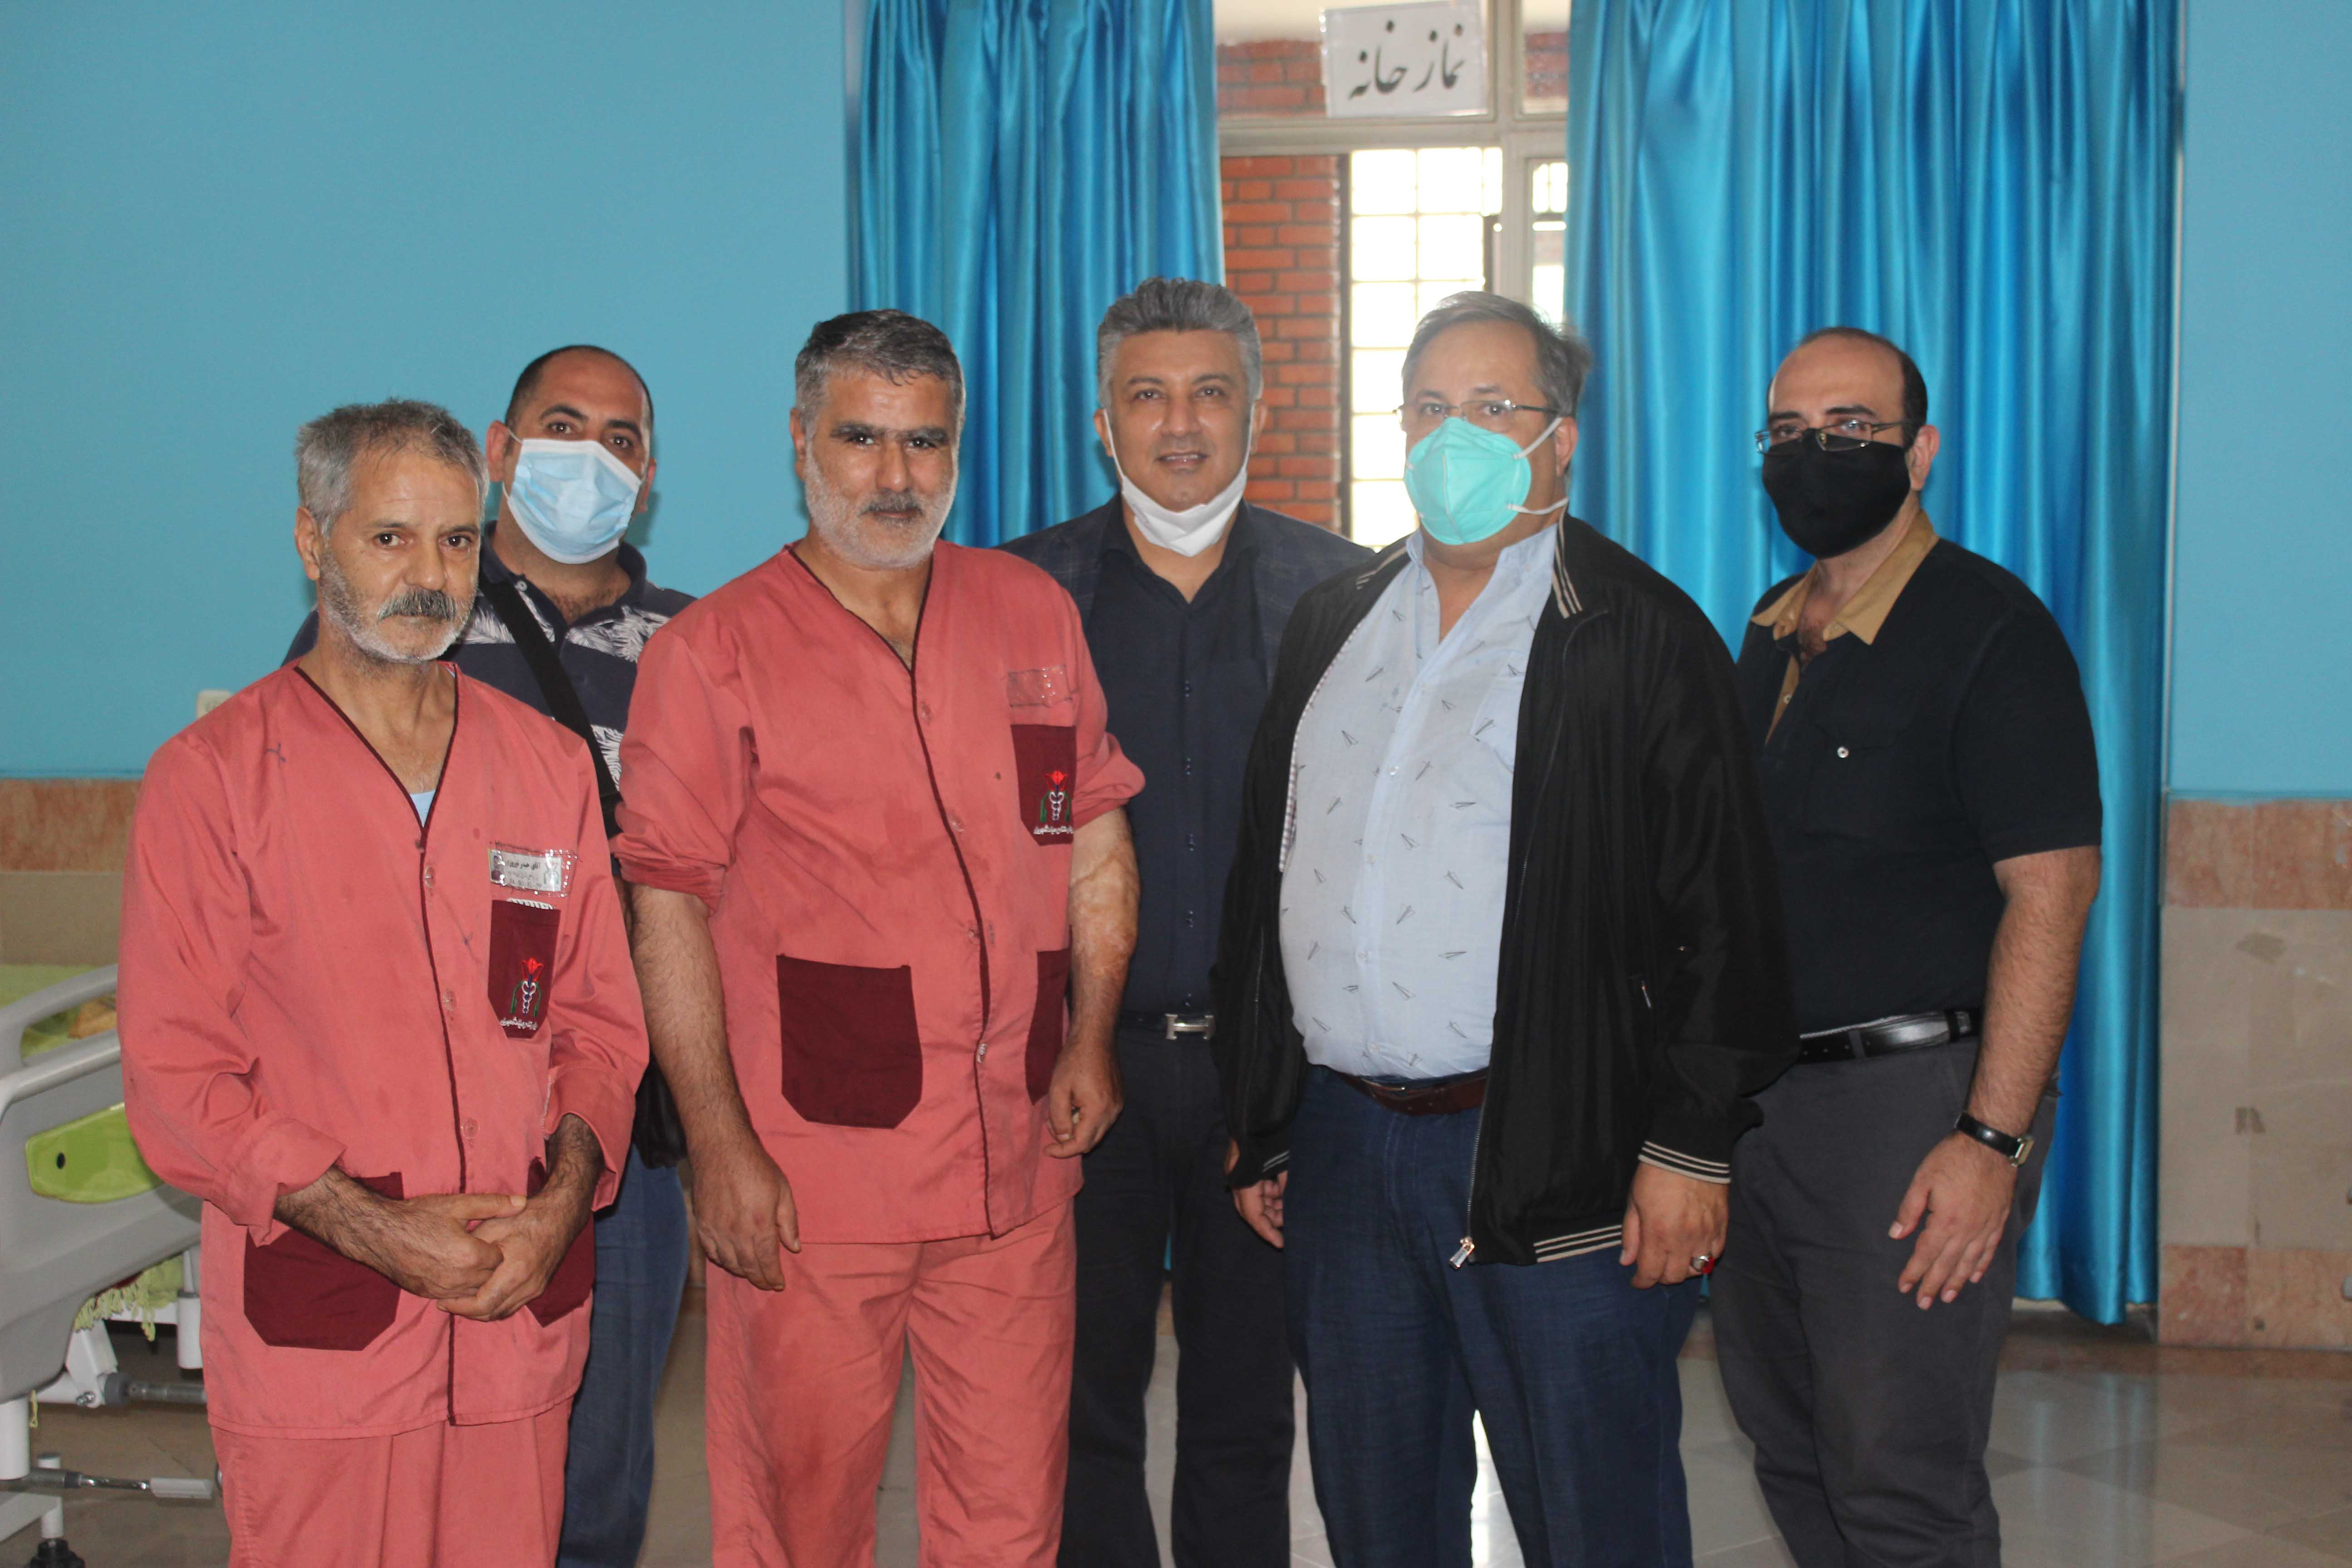 کمک های مومنانه خیرین شمیرانات به ایثارگران بستری در بیمارستان میلادشهریار